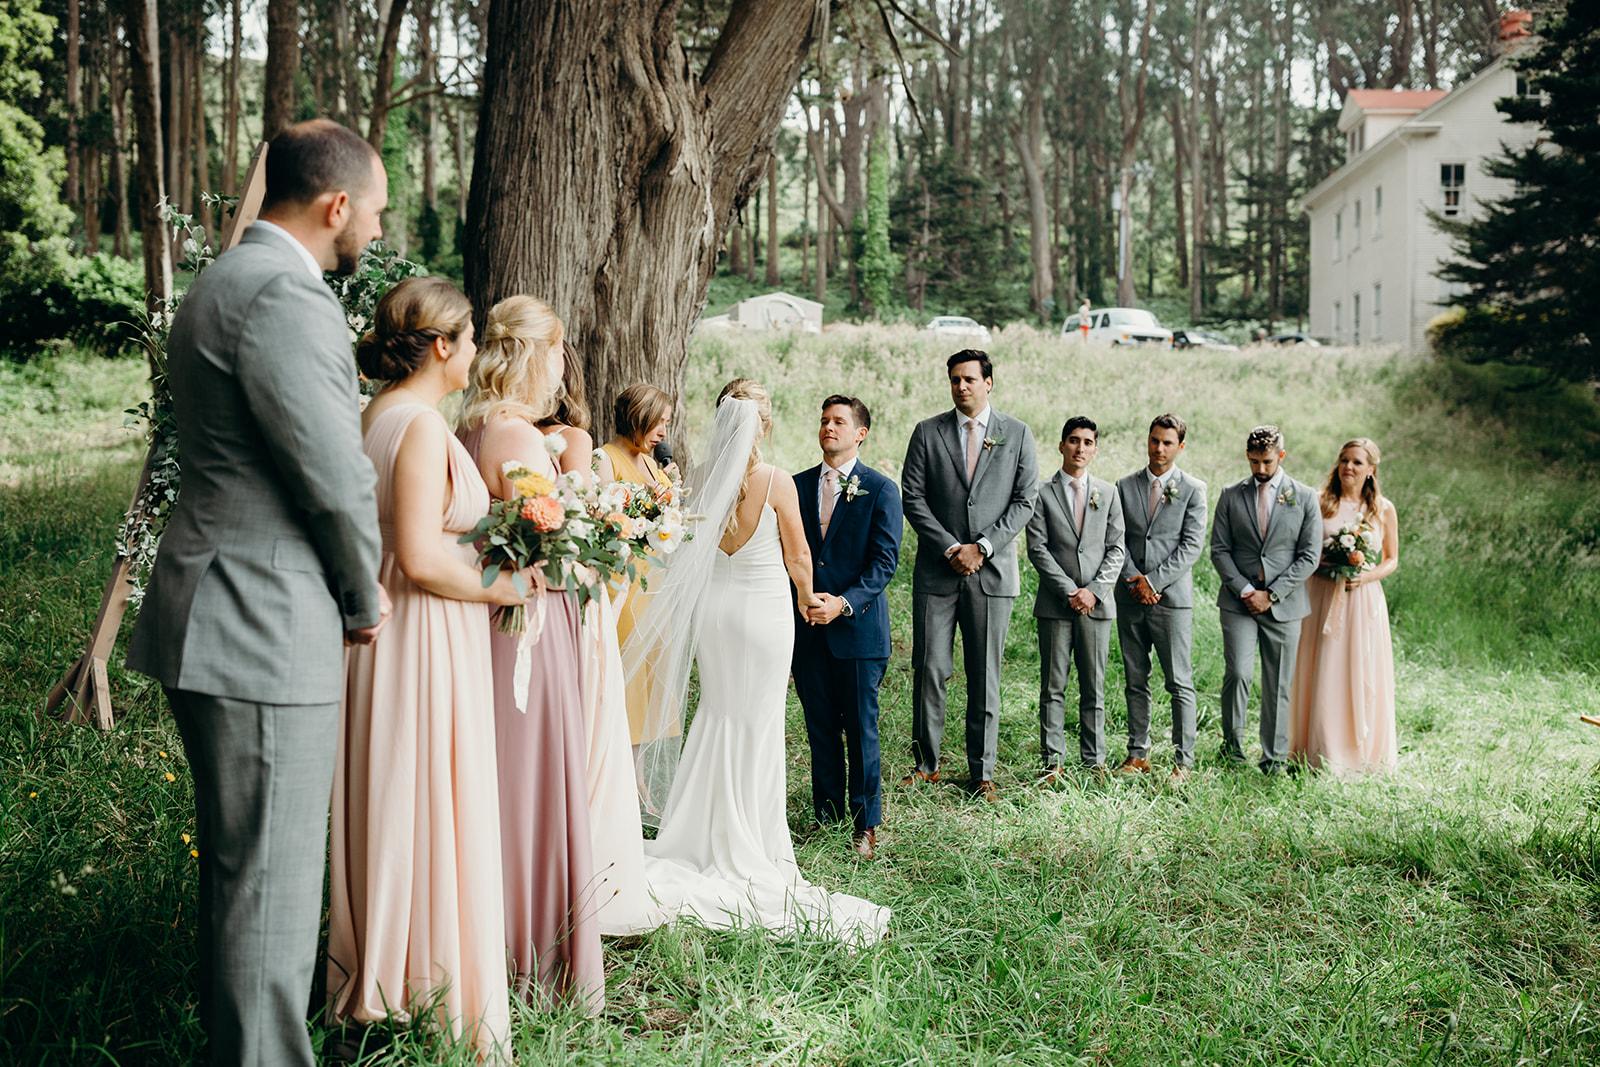 Whitney-Lauren-Headlands-Center-for-The-Arts-Wedding-634.jpg